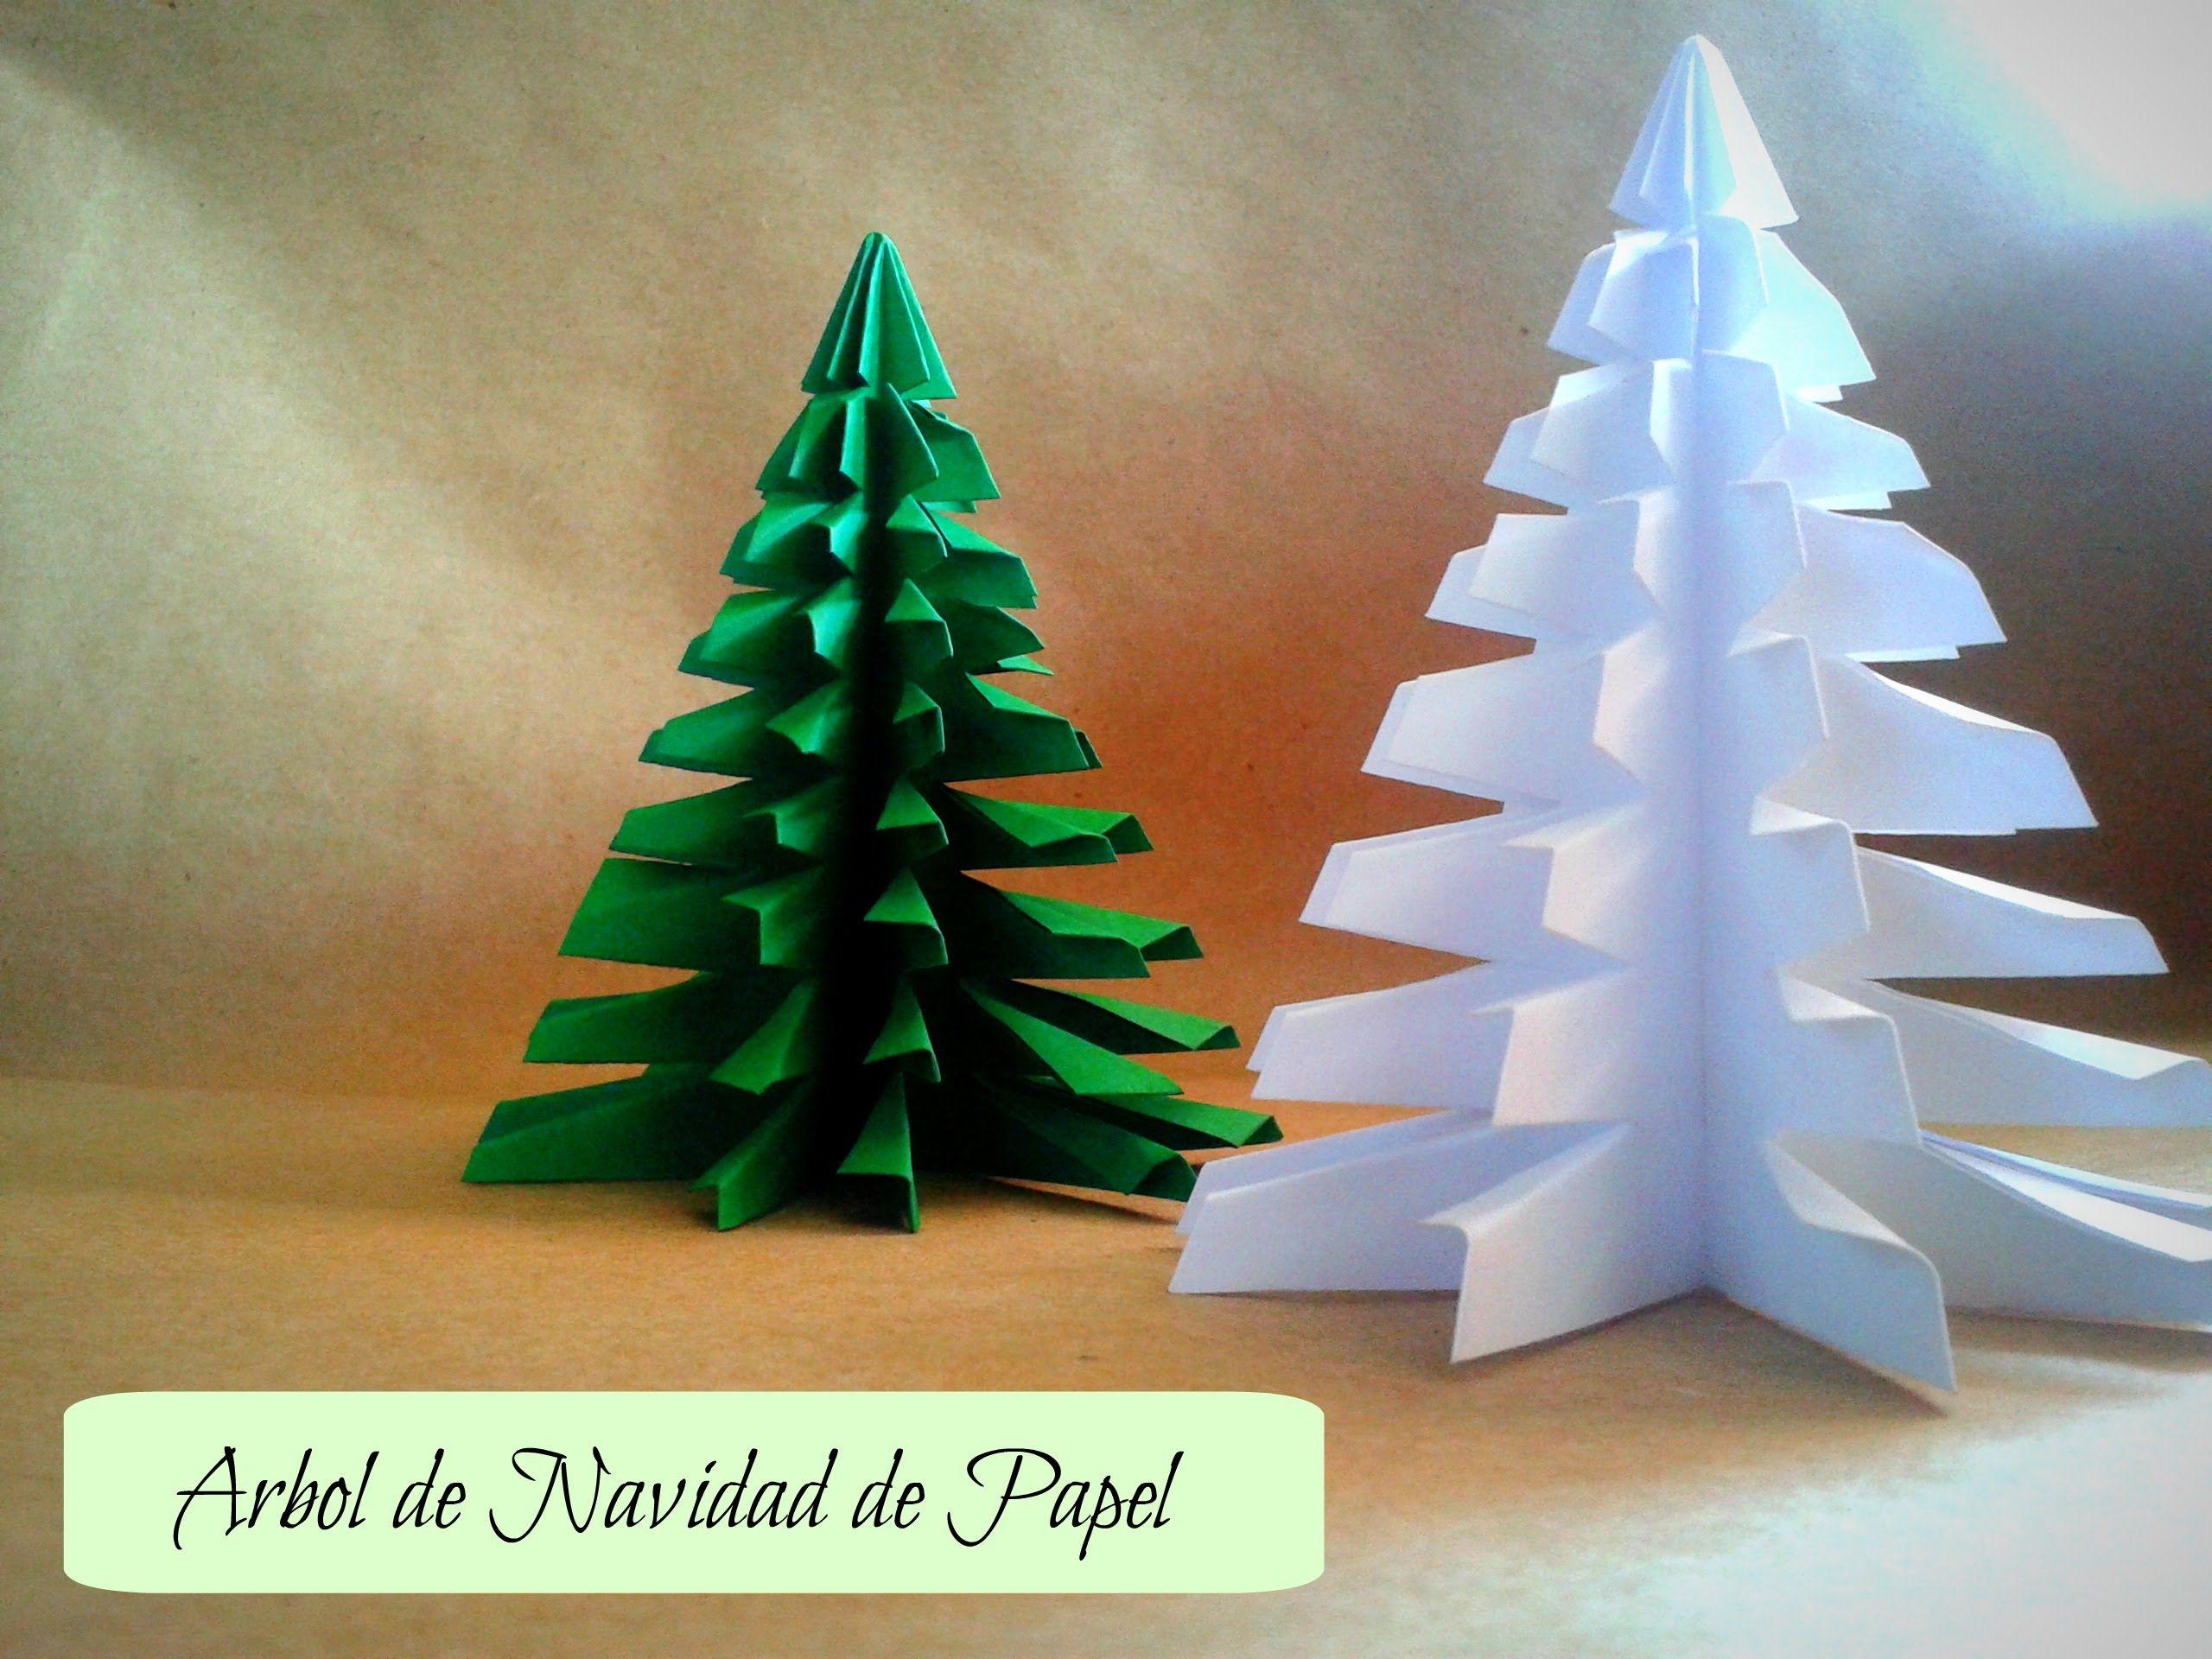 Arbol De Navidad Manualidades Ani Crafts Manualidades Navidenas Arboles De Navidad De Papel Arbol De Navidad Manualidades